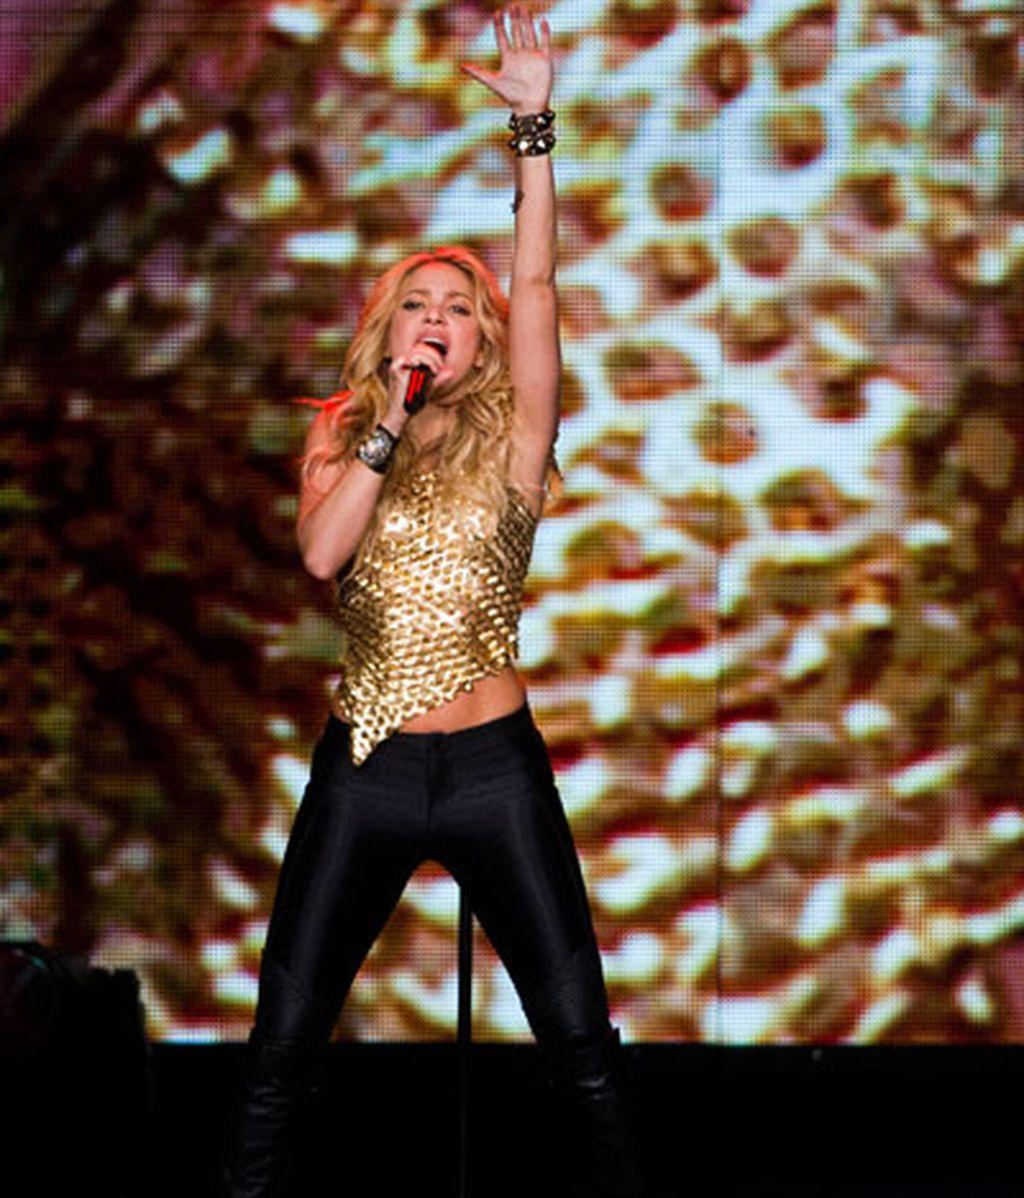 Concierto en Nueva York (EE.UU.) el 21 de septiembre de 2010